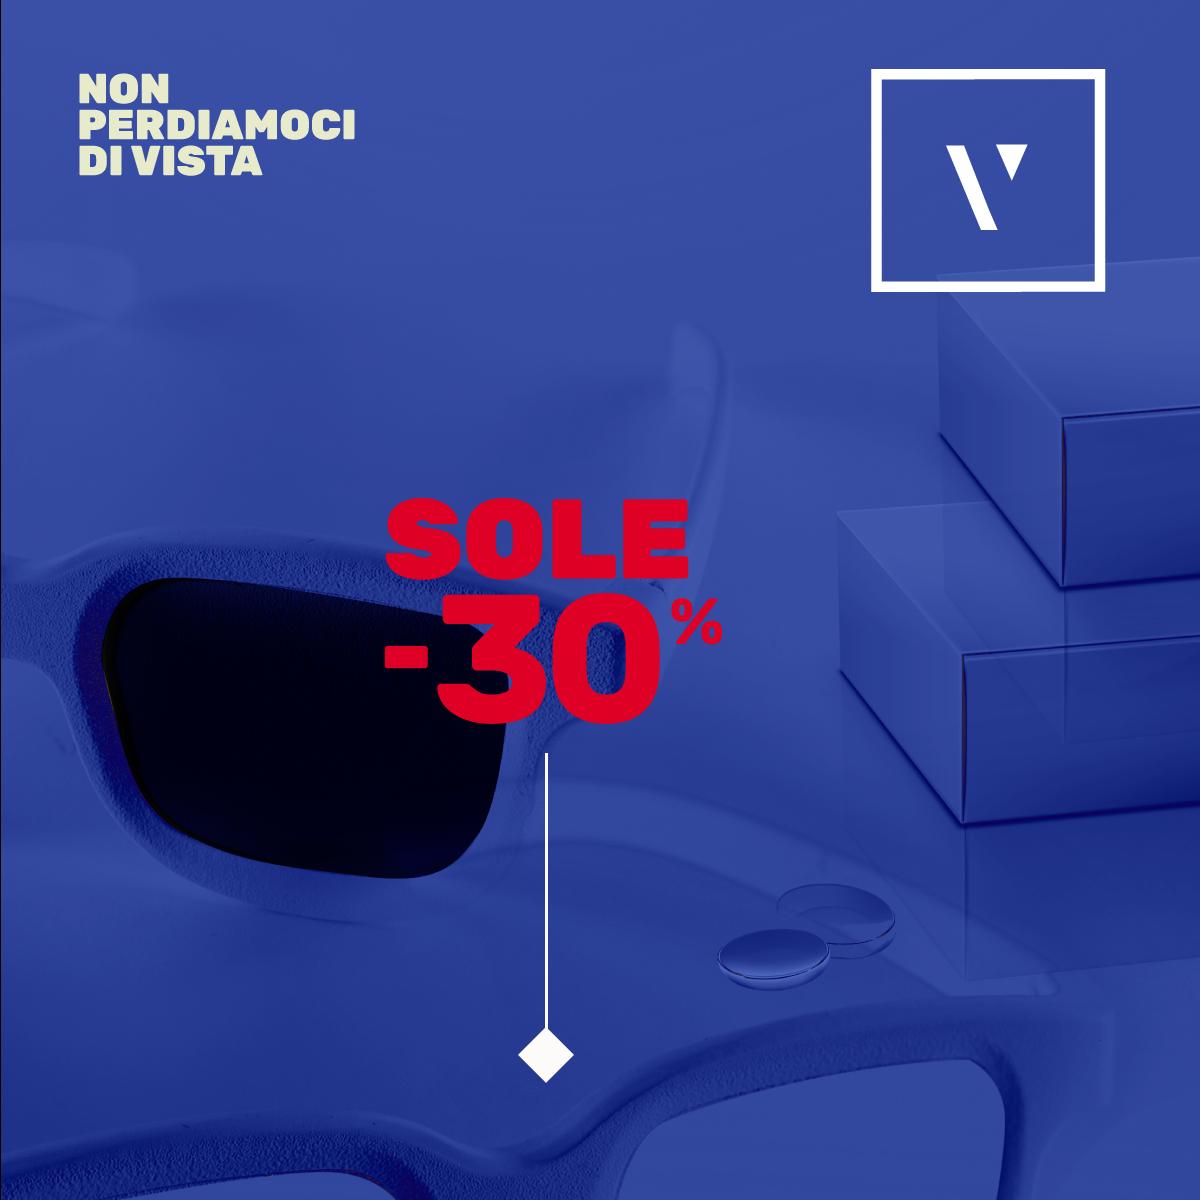 Non perdiamoci di vista promozione 2020 occhiali sole lenti sconto progettovista idee per i tuoi occhi